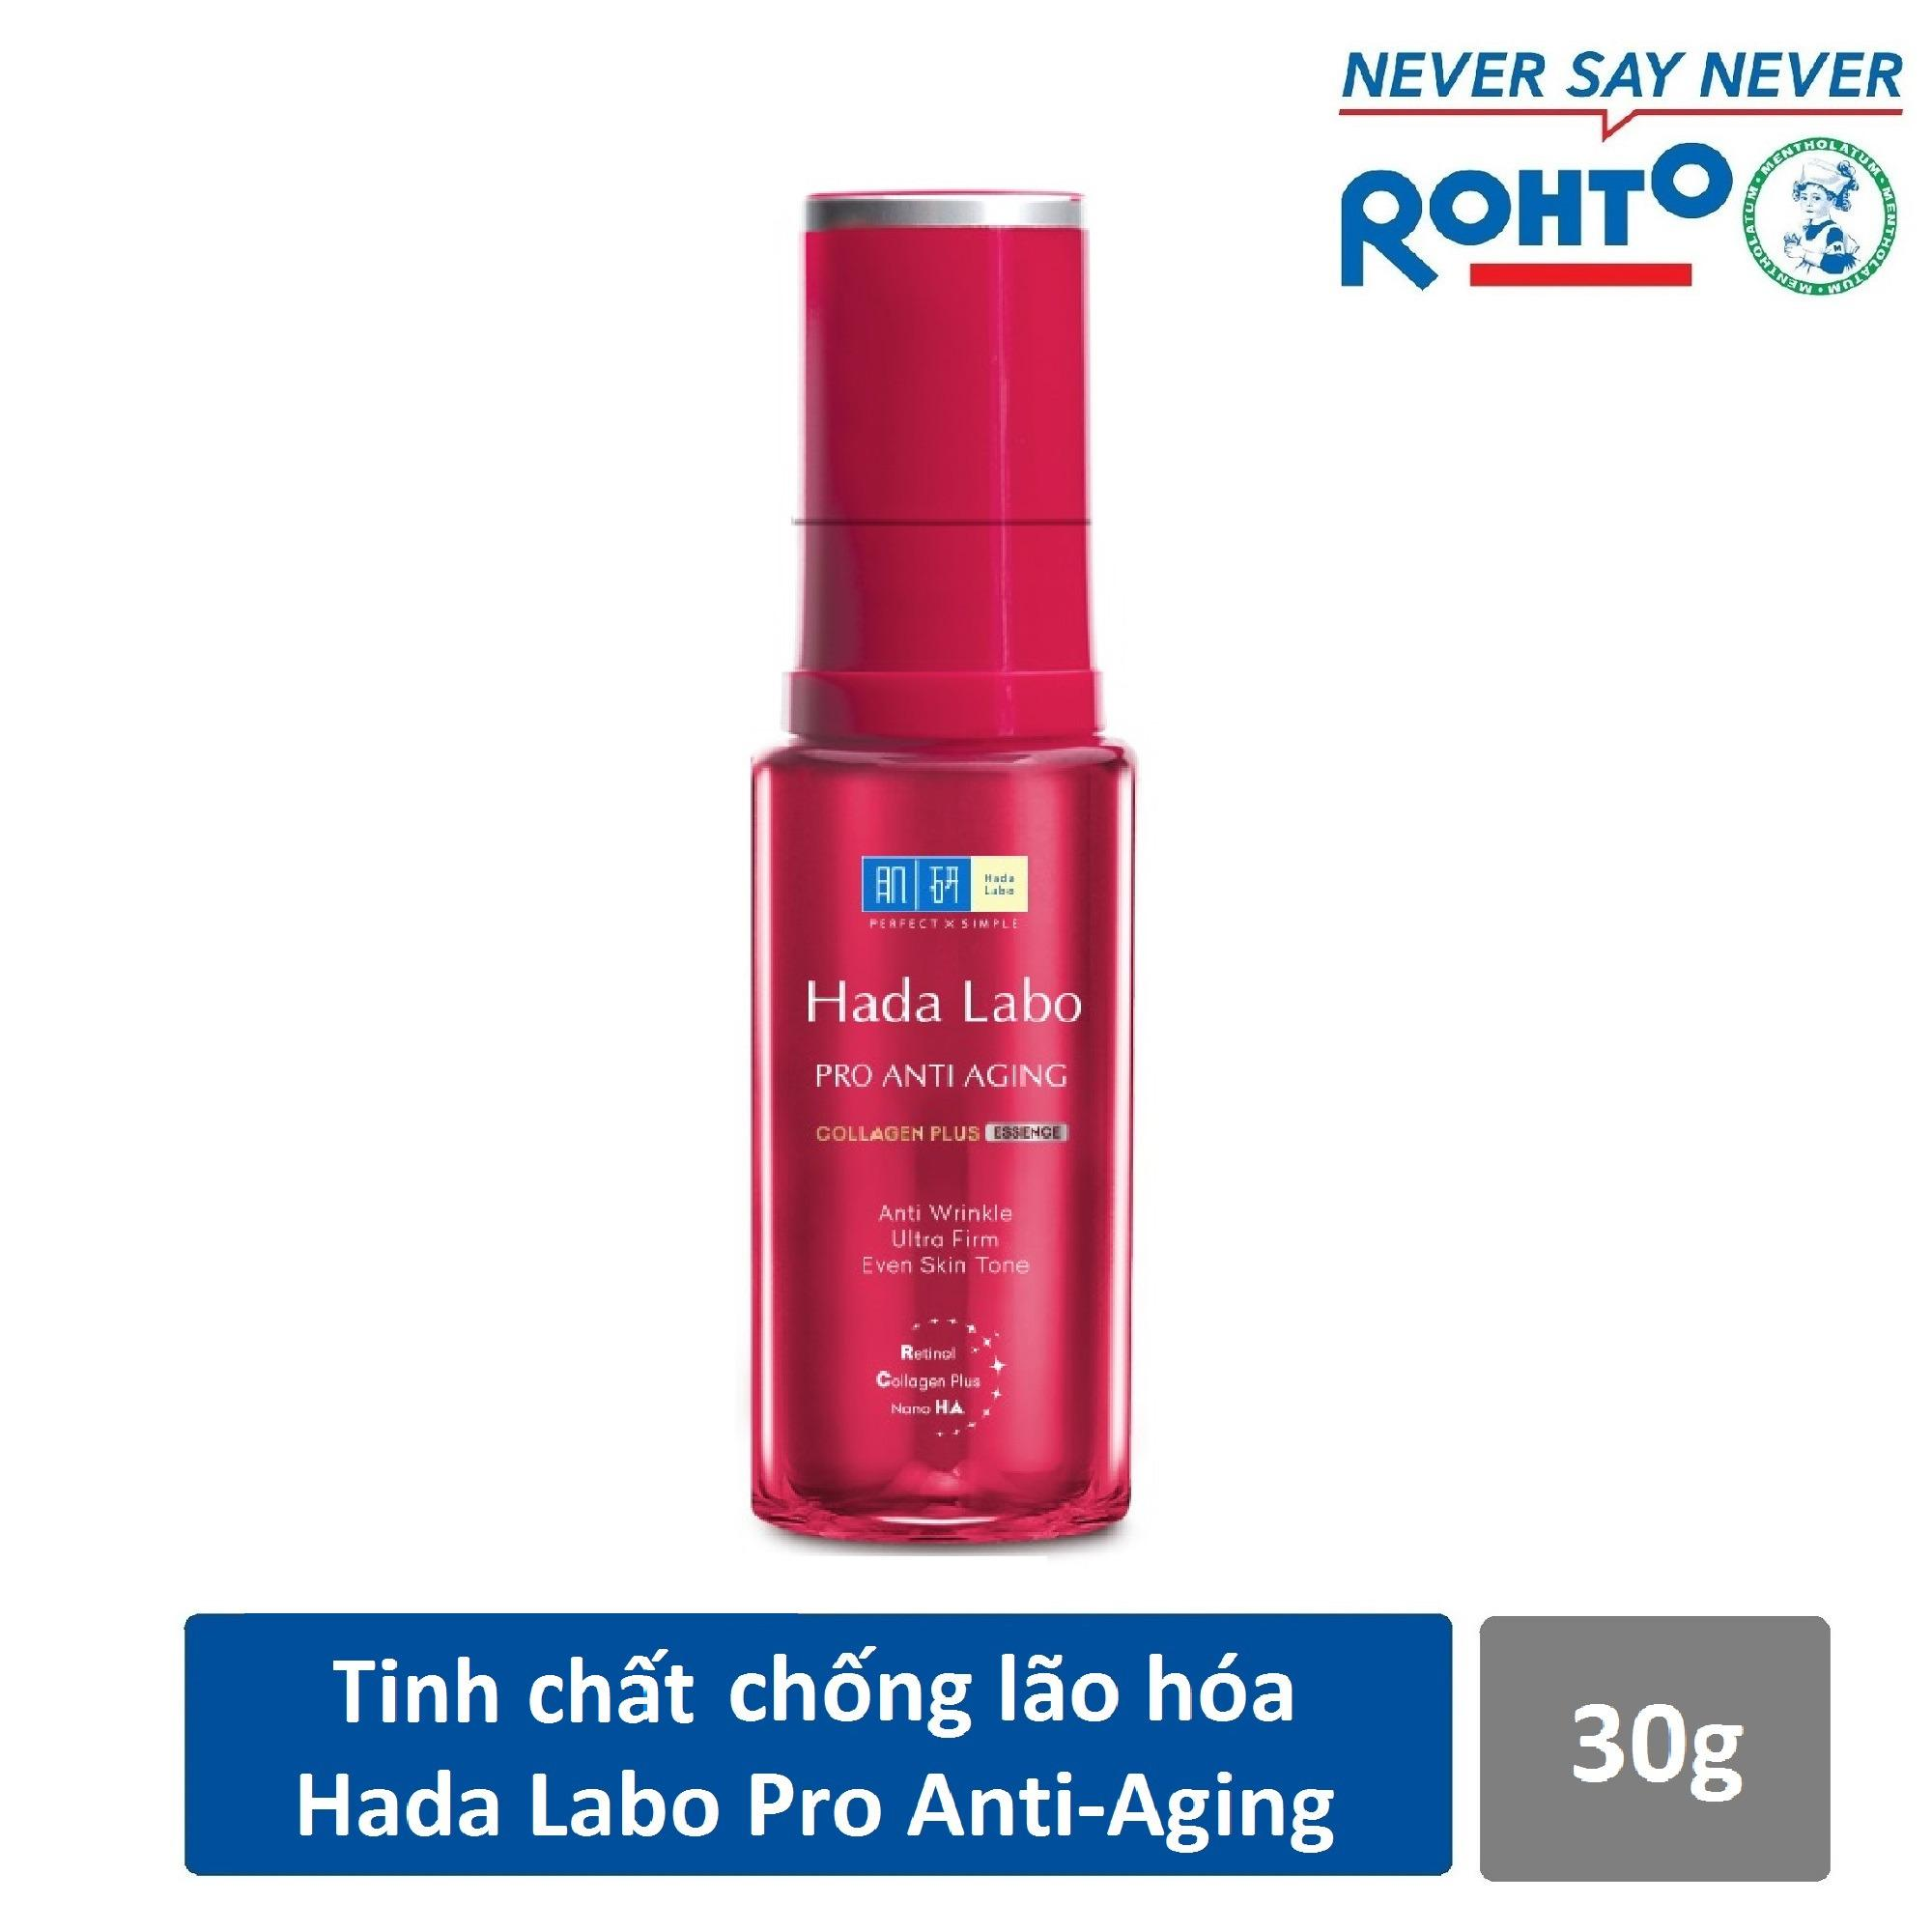 Giá Bán Rẻ Nhất Tinh Chất Dưỡng Chuyen Biệt Chống Lao Hoa Hada Labo Pro Anti Aging Essence 30G